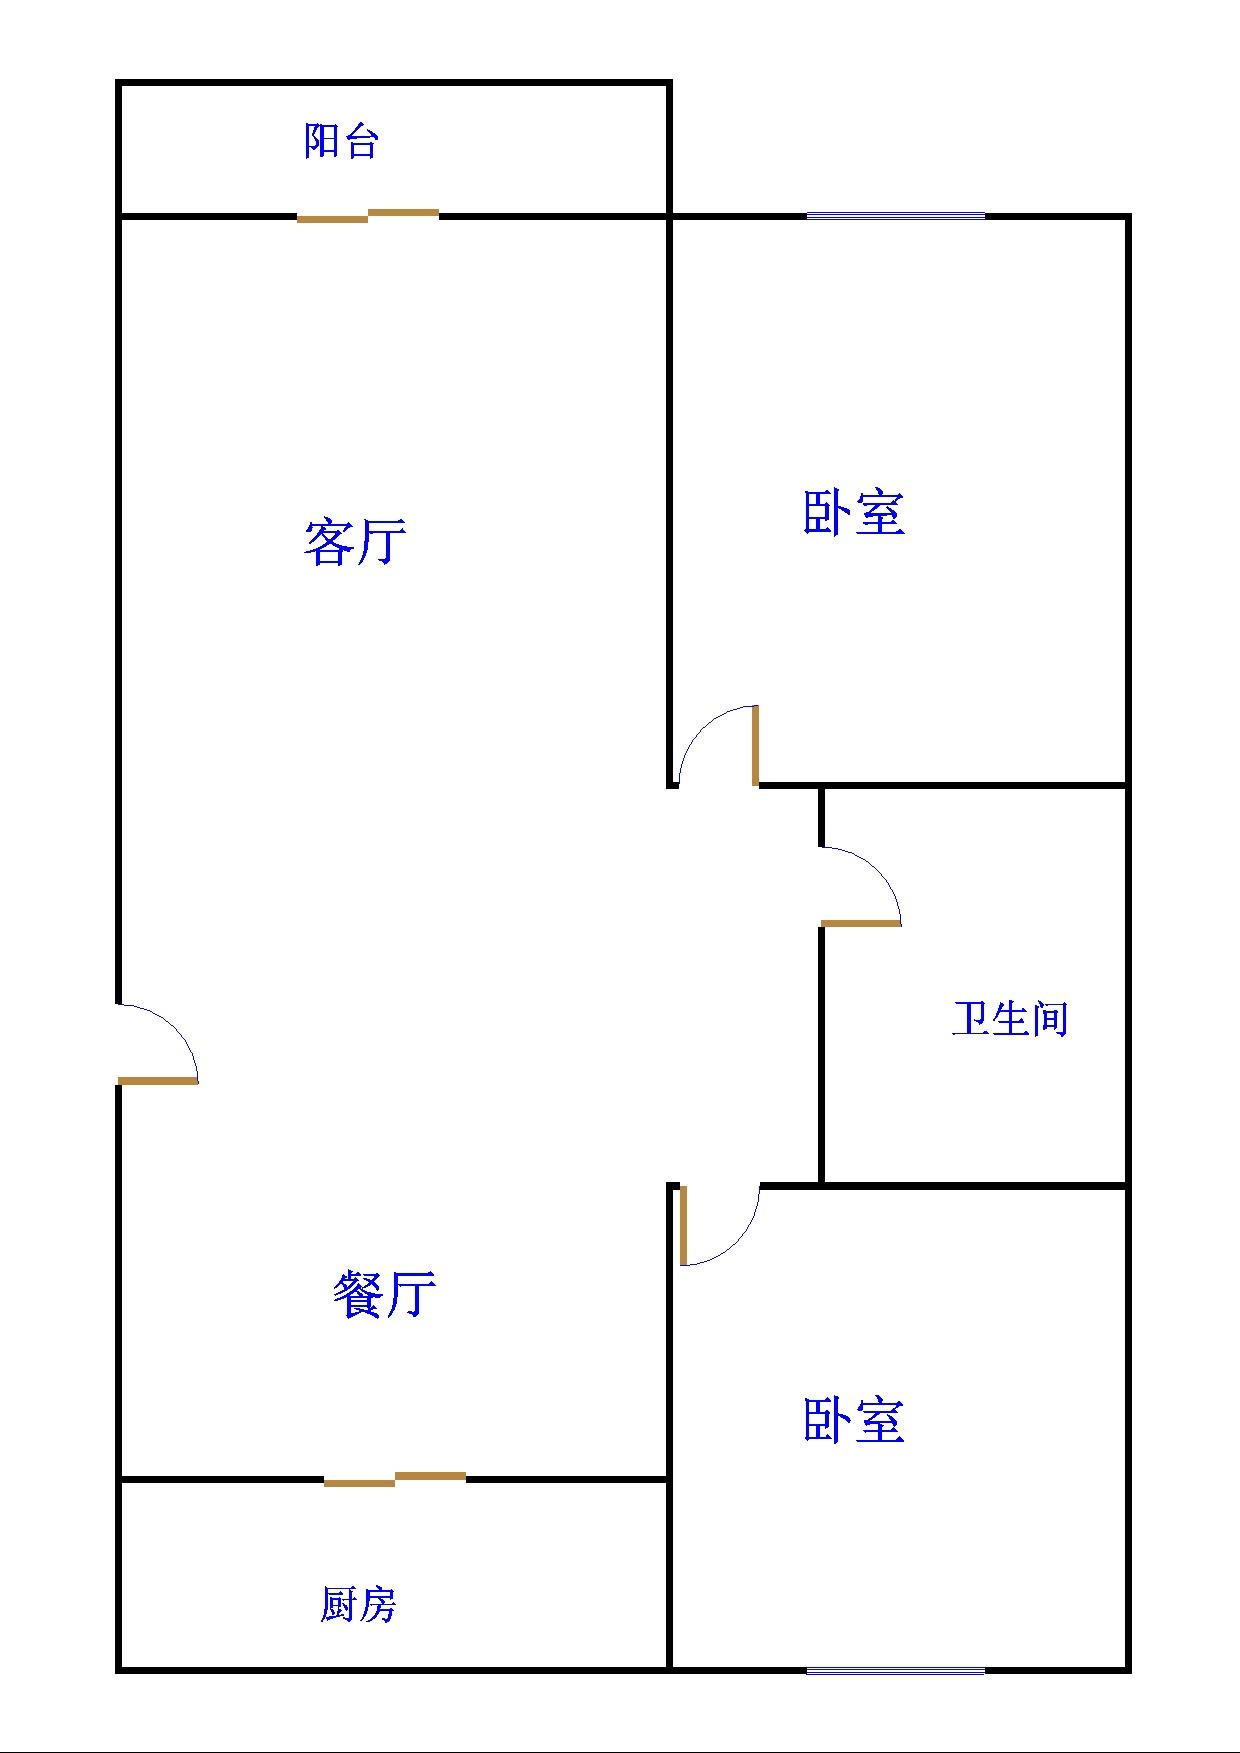 乾城尊府 2室2厅  简装 87万